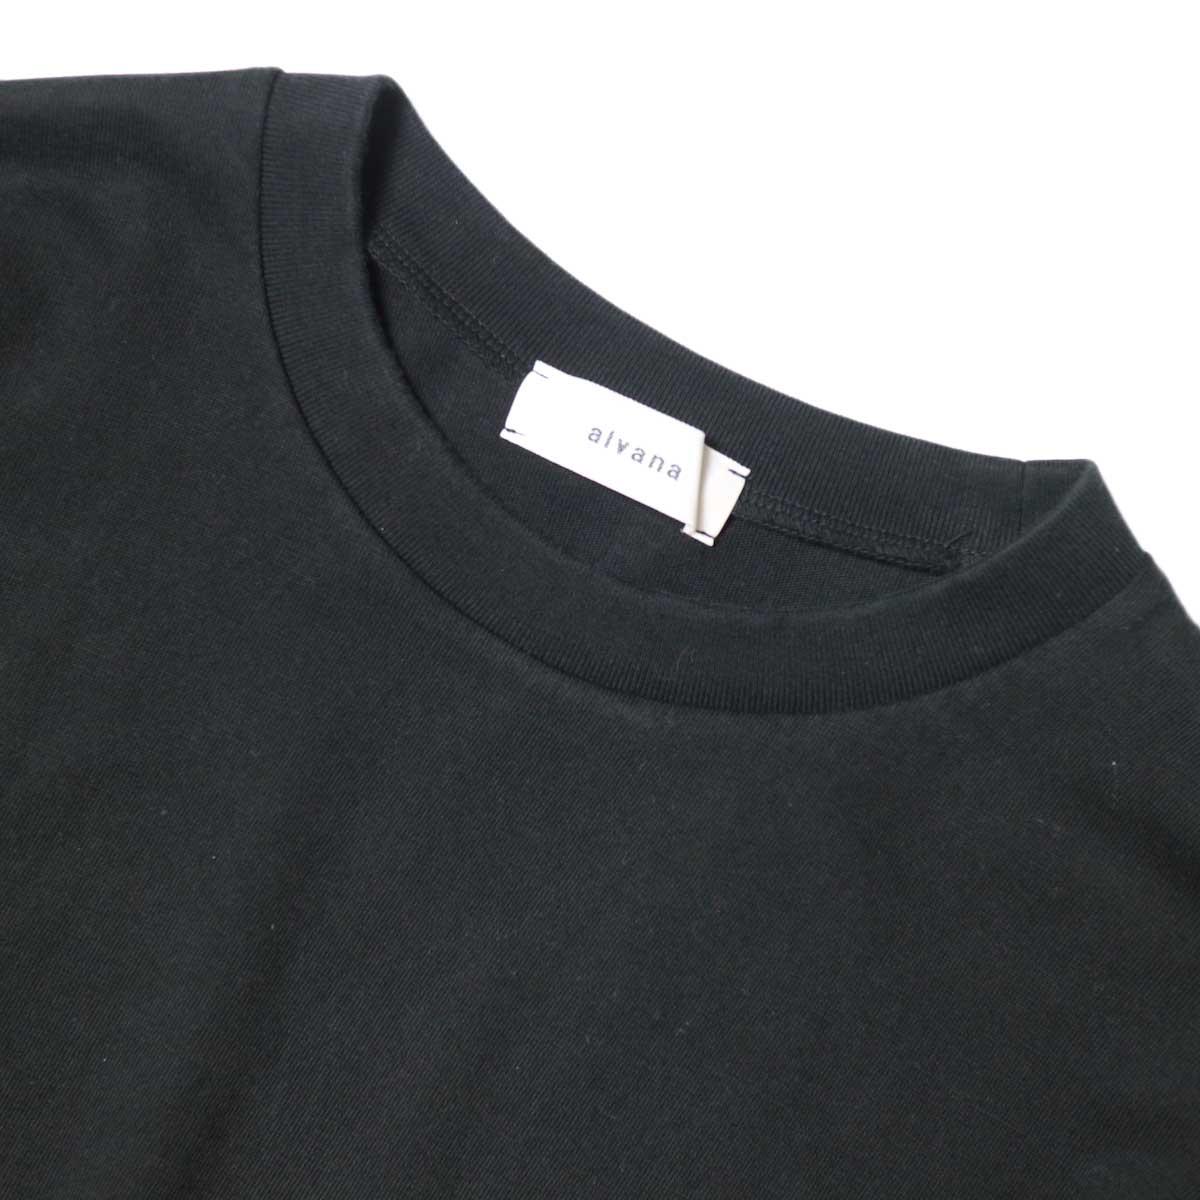 alvana / Dairy Oversize Tee Shirts (Black) ネック